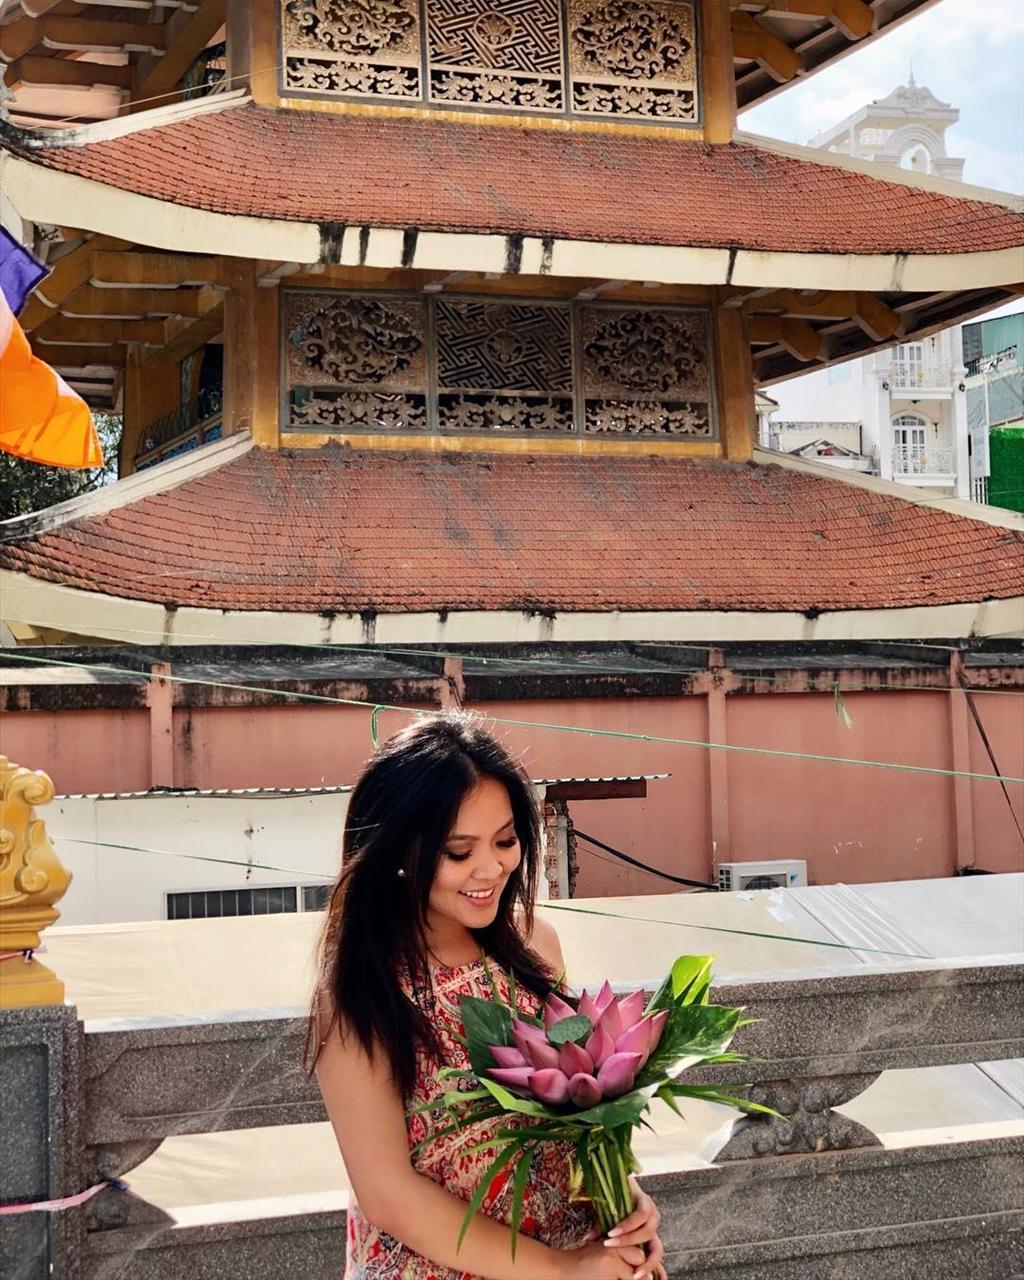 Bửu Long và 5 ngôi chùa nổi tiếng linh thiêng khu vực phía nam Ảnh 9